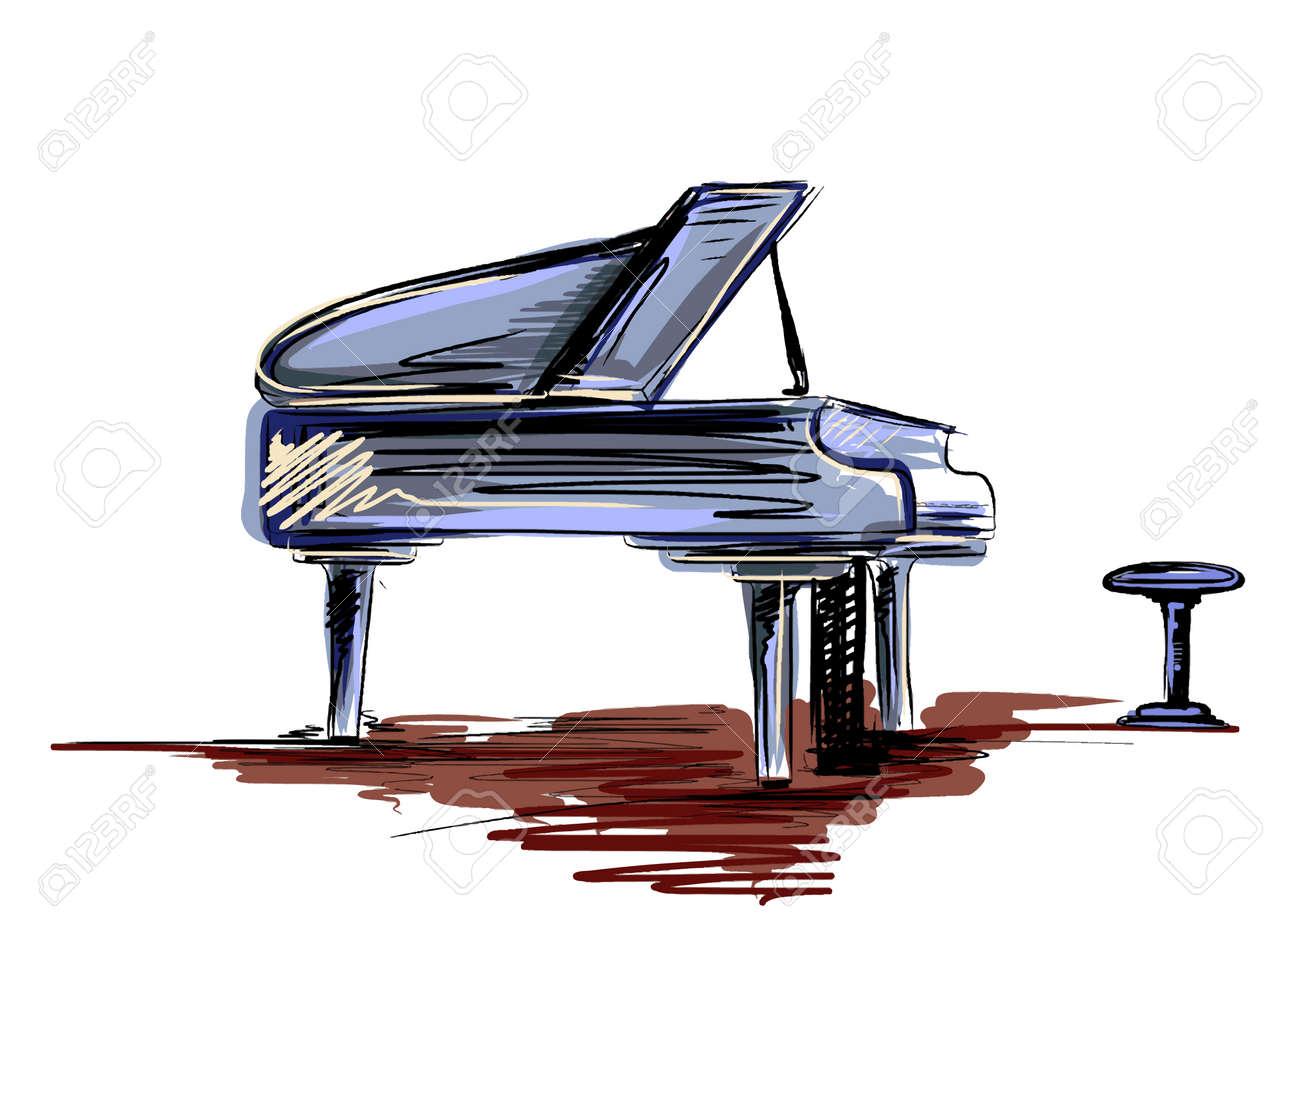 Piano sketch vector